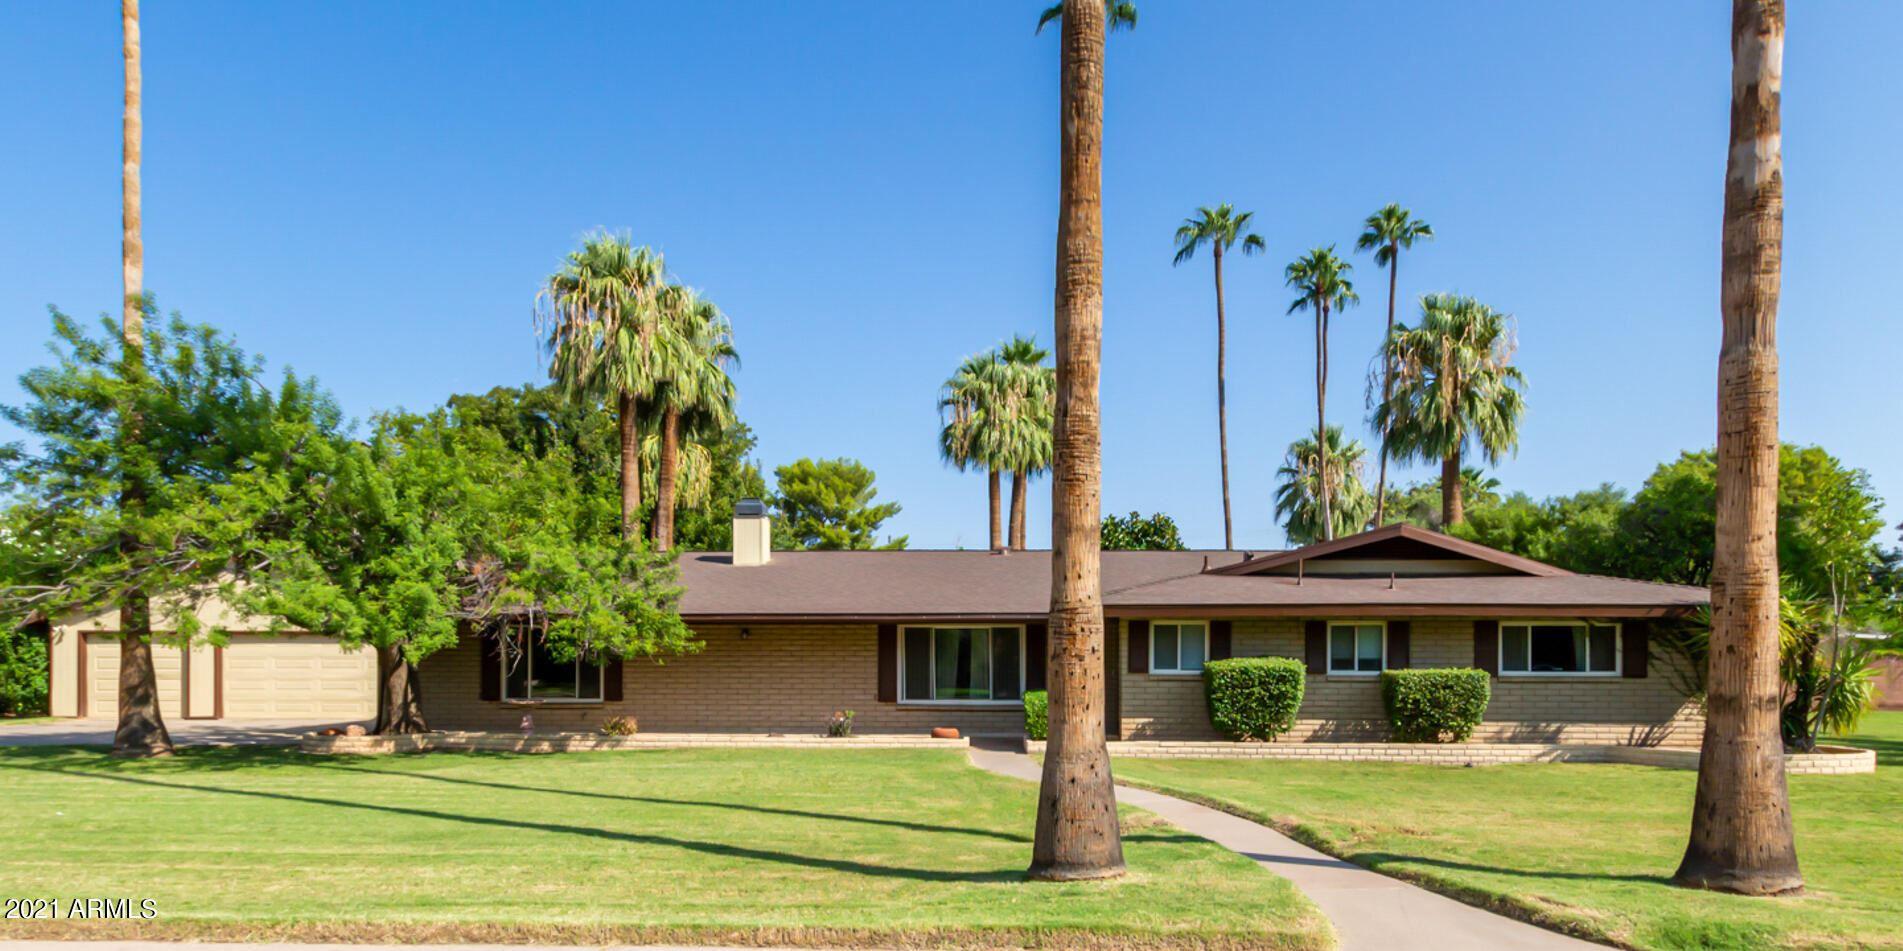 Photo of 1616 E FOUNTAIN Street, Mesa, AZ 85203 (MLS # 6295509)